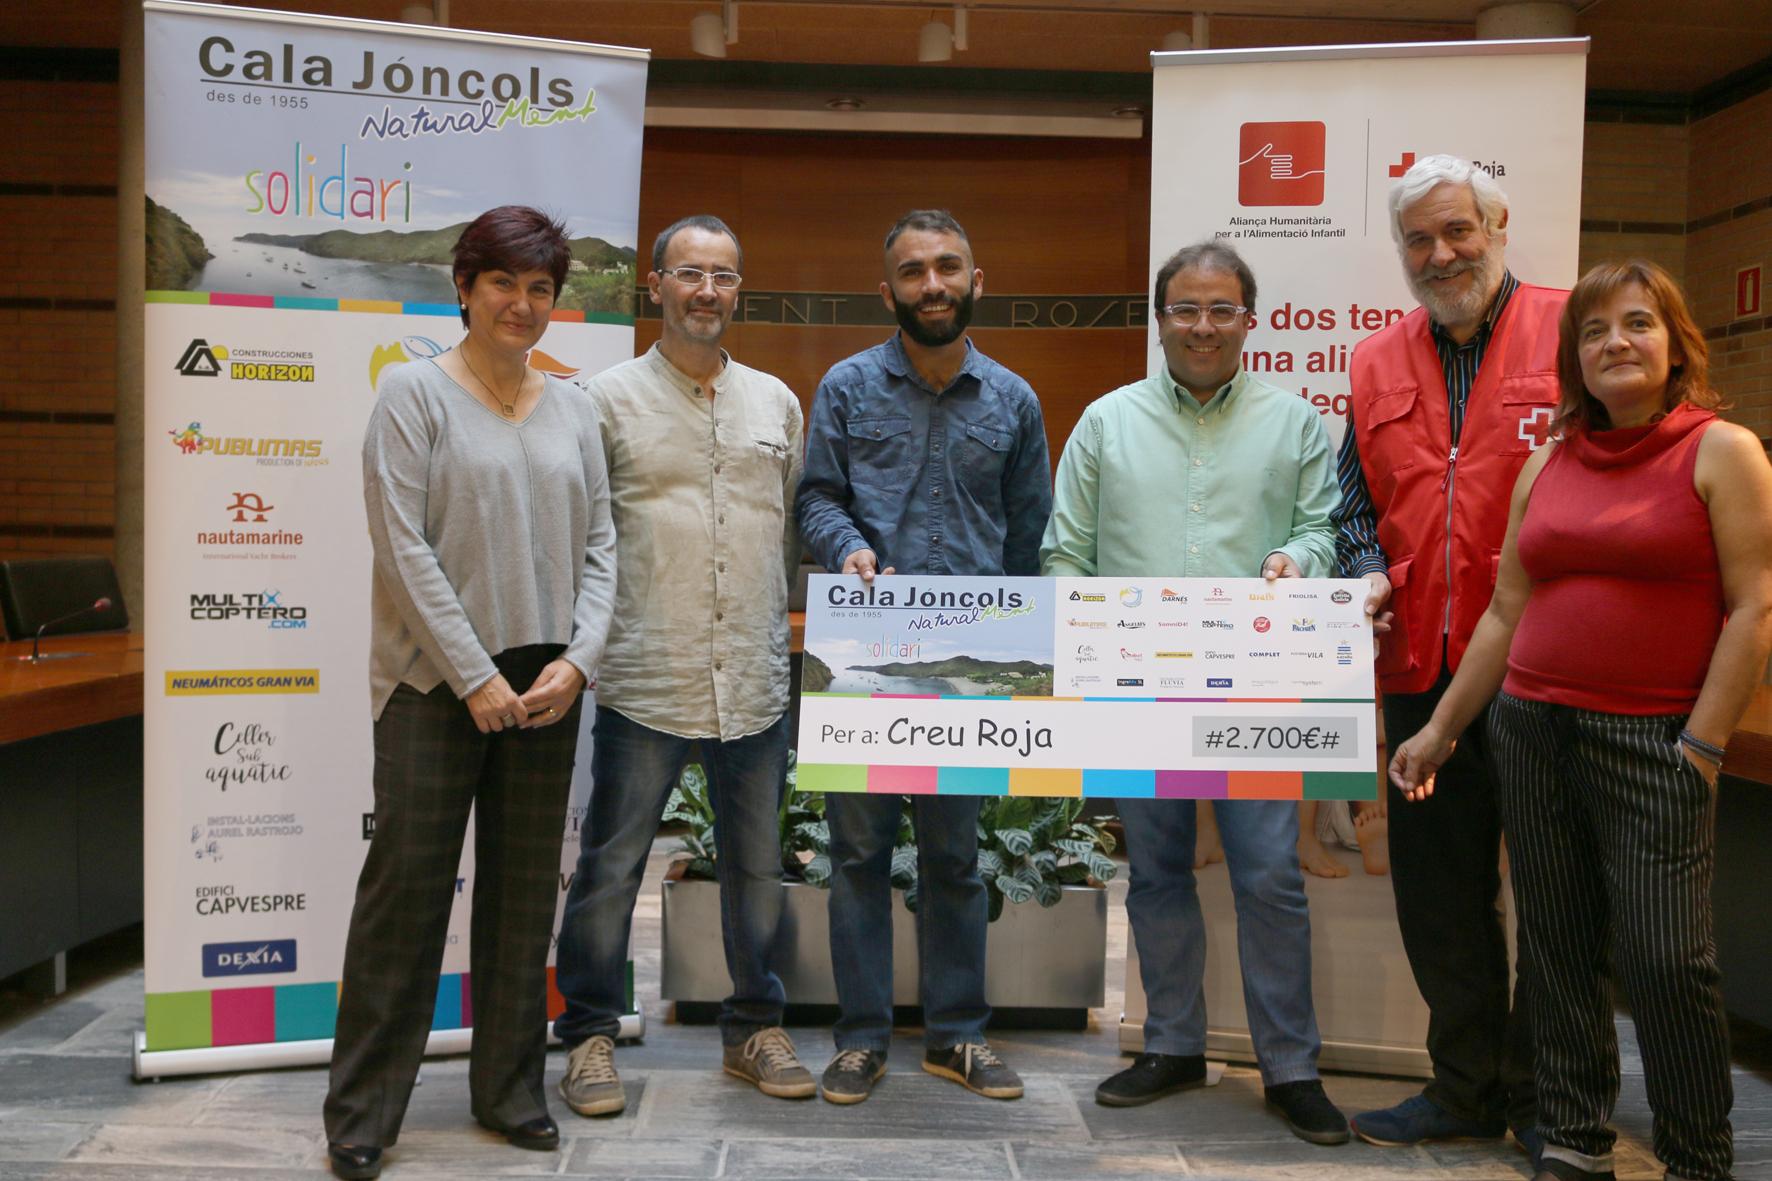 L'Hotel Cala Jóncols lliura a Creu Roja 2.700€ recaptats en la Jornada per a l'alimentació infantil